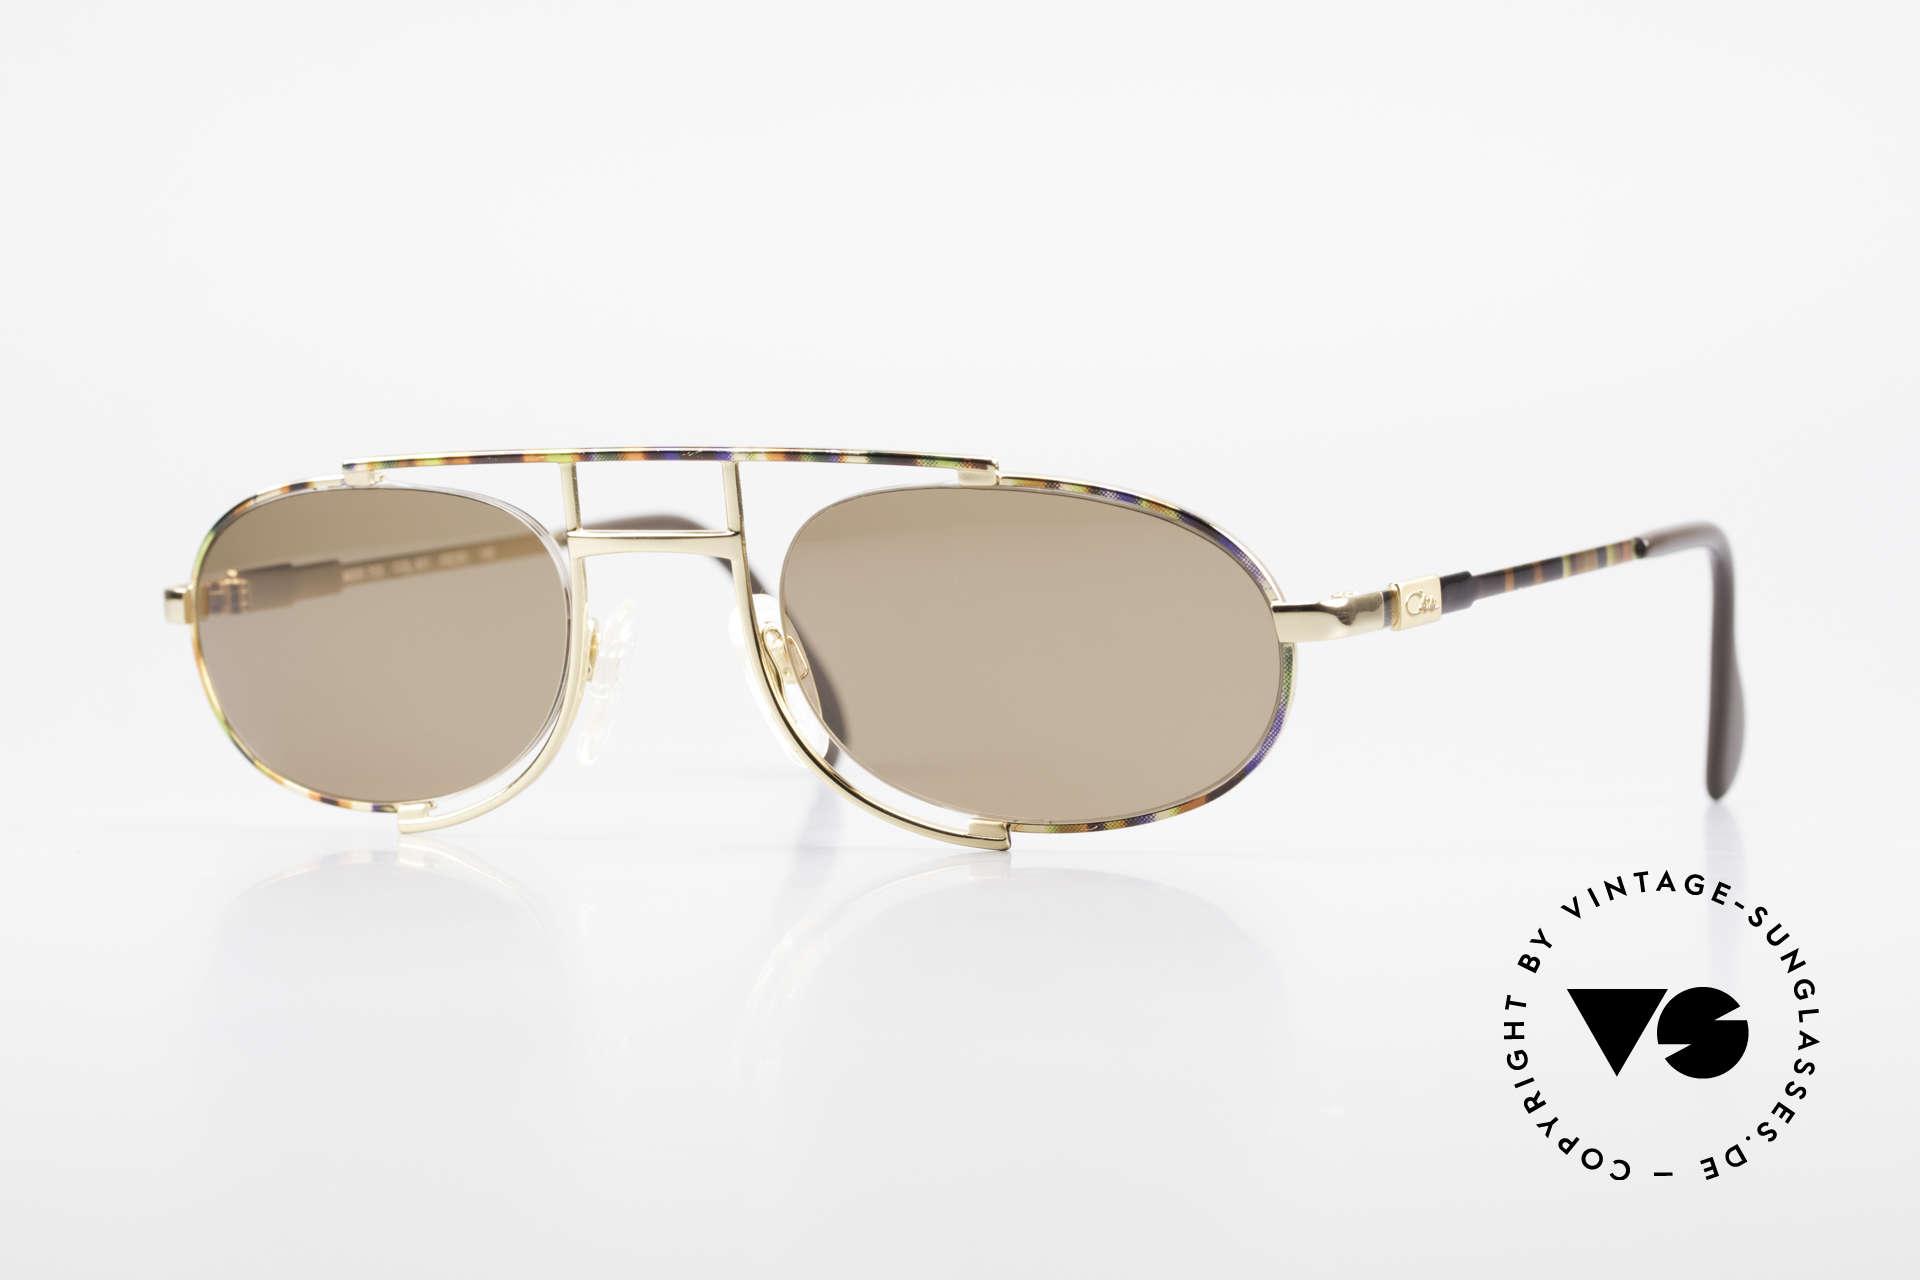 Cazal 753 Ovale Designer Sonnenbrille, ovale VINTAGE Sonnenbrille von CAZAL von 1992, Passend für Herren